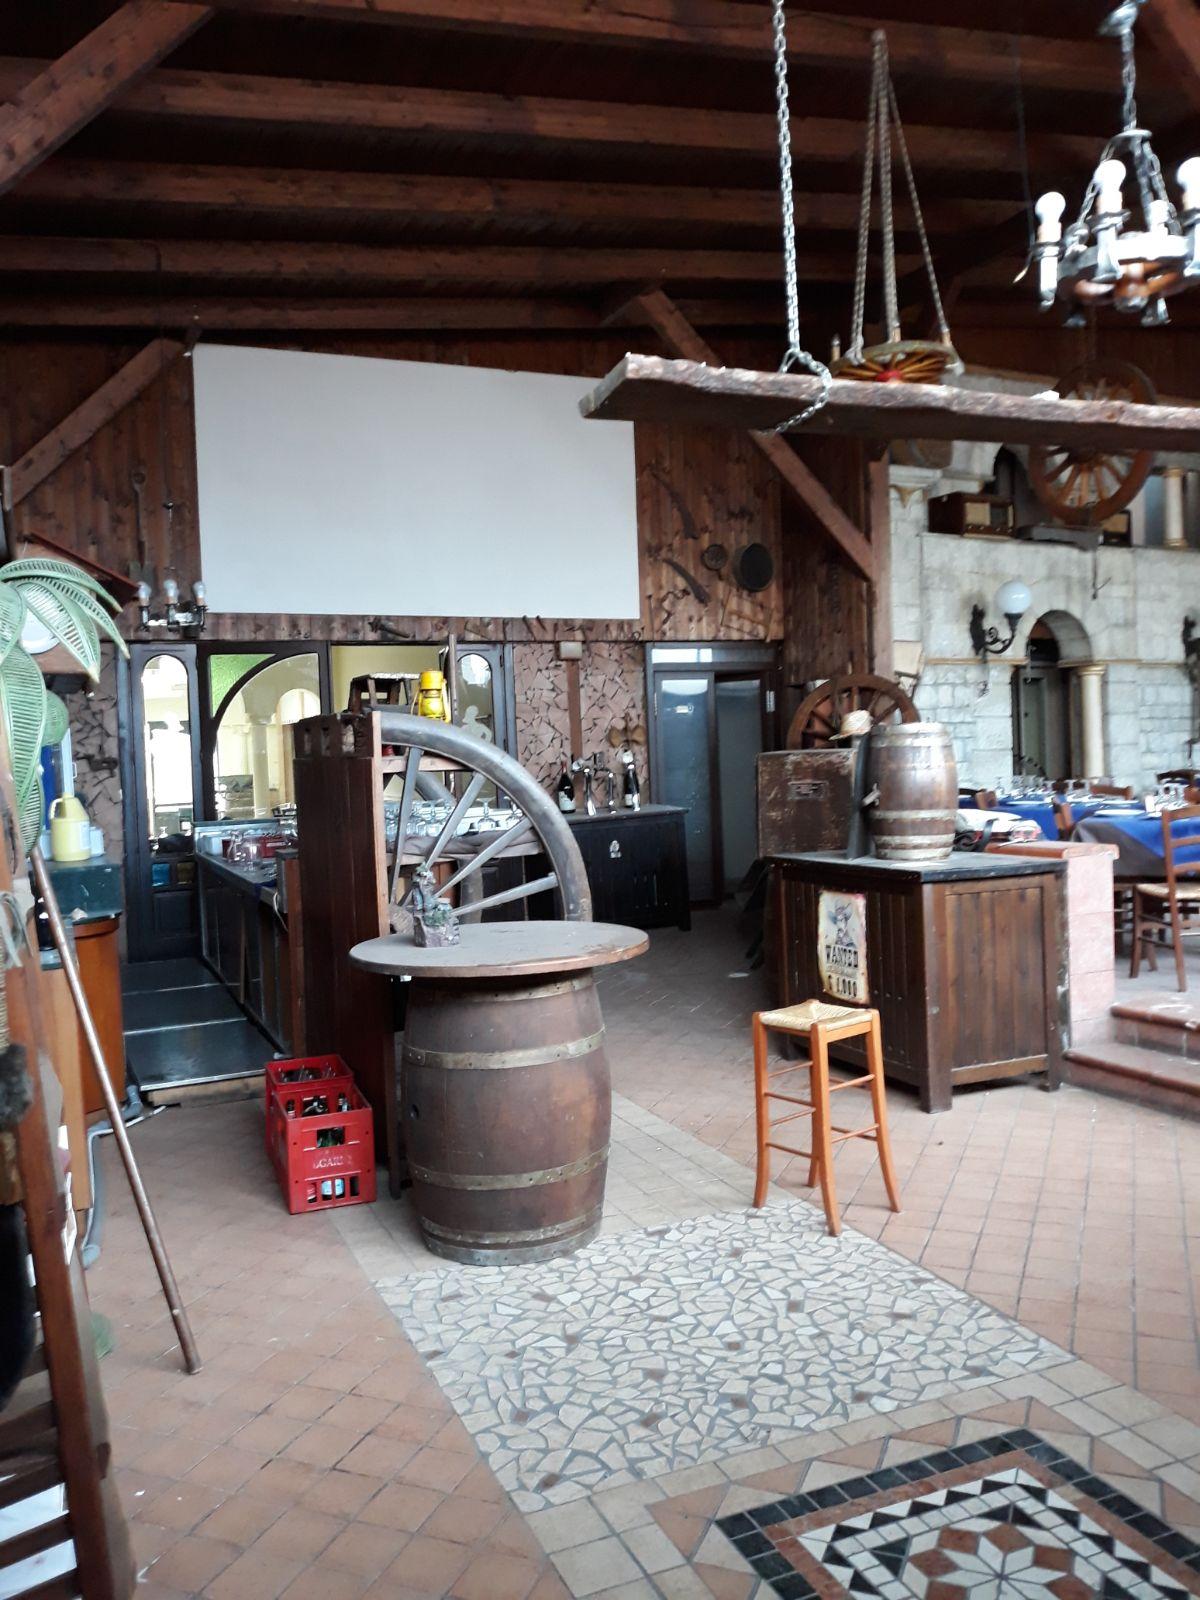 Marano San Rocco locale pizzeria disco pub e braceria